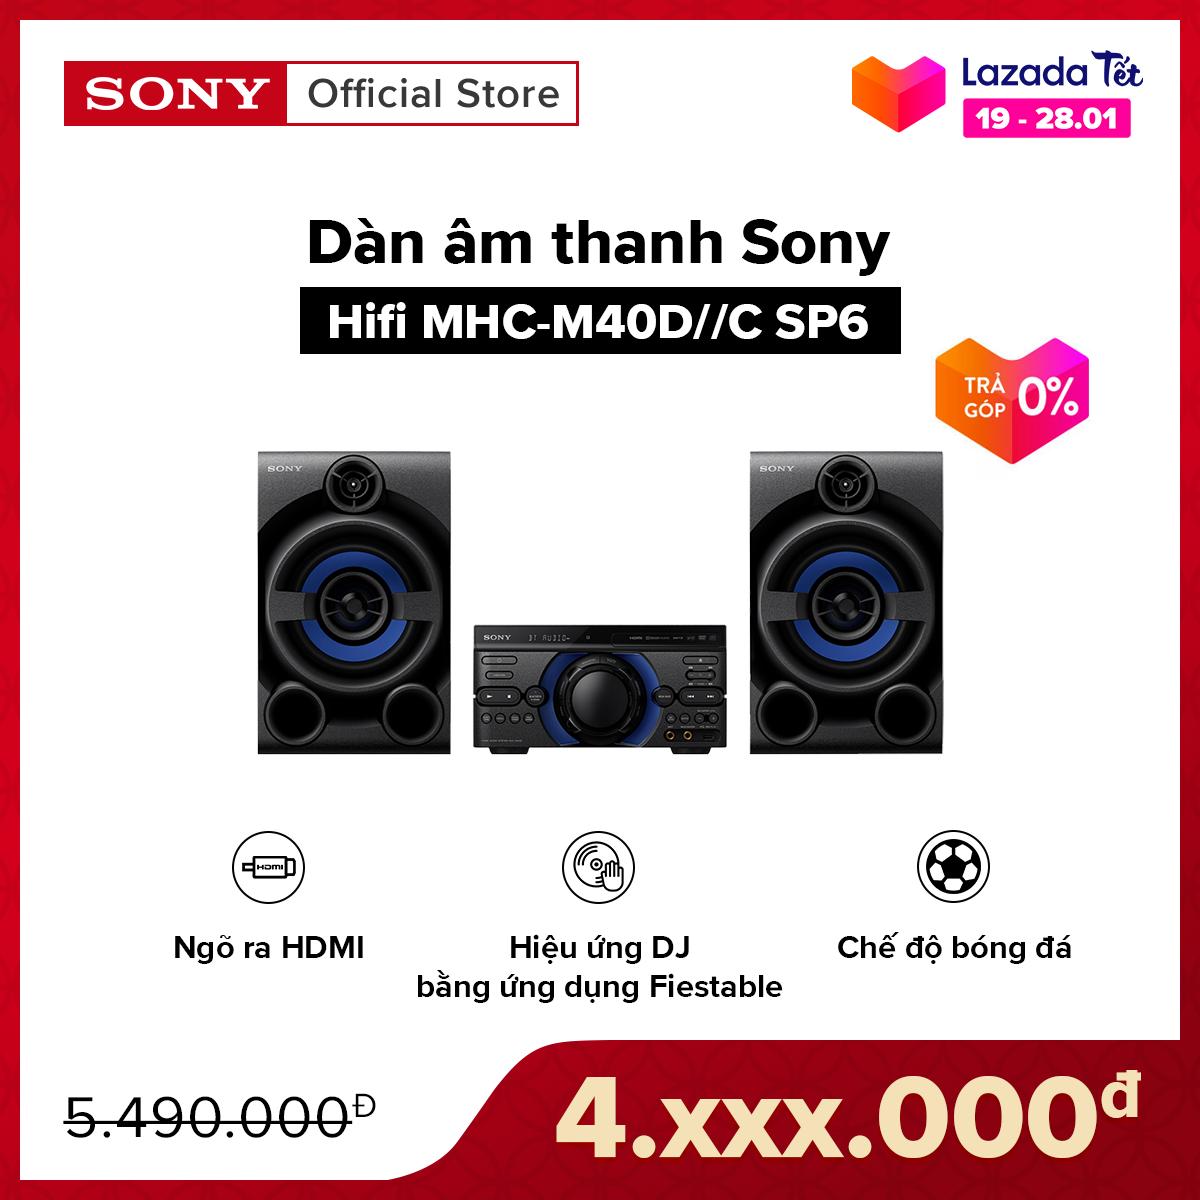 [TẶNG NGAY THÙNG BIA HEINEKEN CHO 3 ĐƠN HÀNG ĐẦU TIÊN – VOUCHER 300K – TRẢ GÓP 0%] Dàn âm thanh Sony Hifi MHC-M40D//C SP6 | Đầu phát DVD tích hợp có ngõ ra HDMI | Chế độ bóng đá | Liên kết các hệ thống loa bằng Party Chain qua Bluetooth